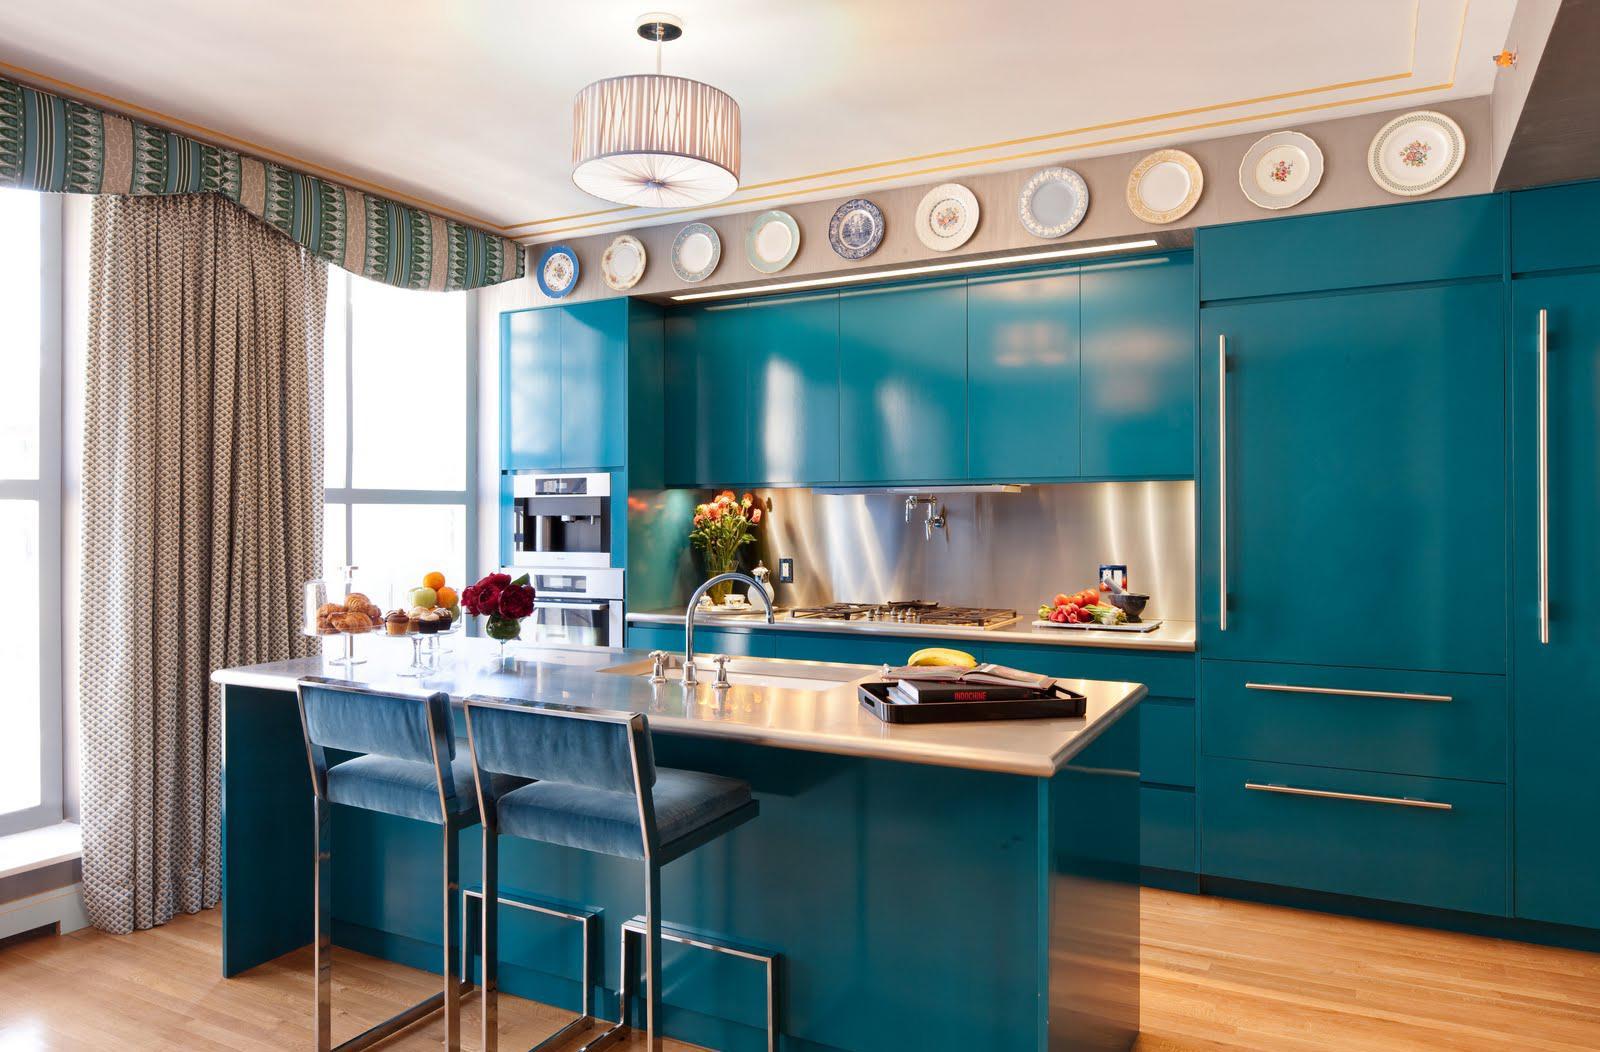 Кухня изумрудного цвета с красивыми шторами